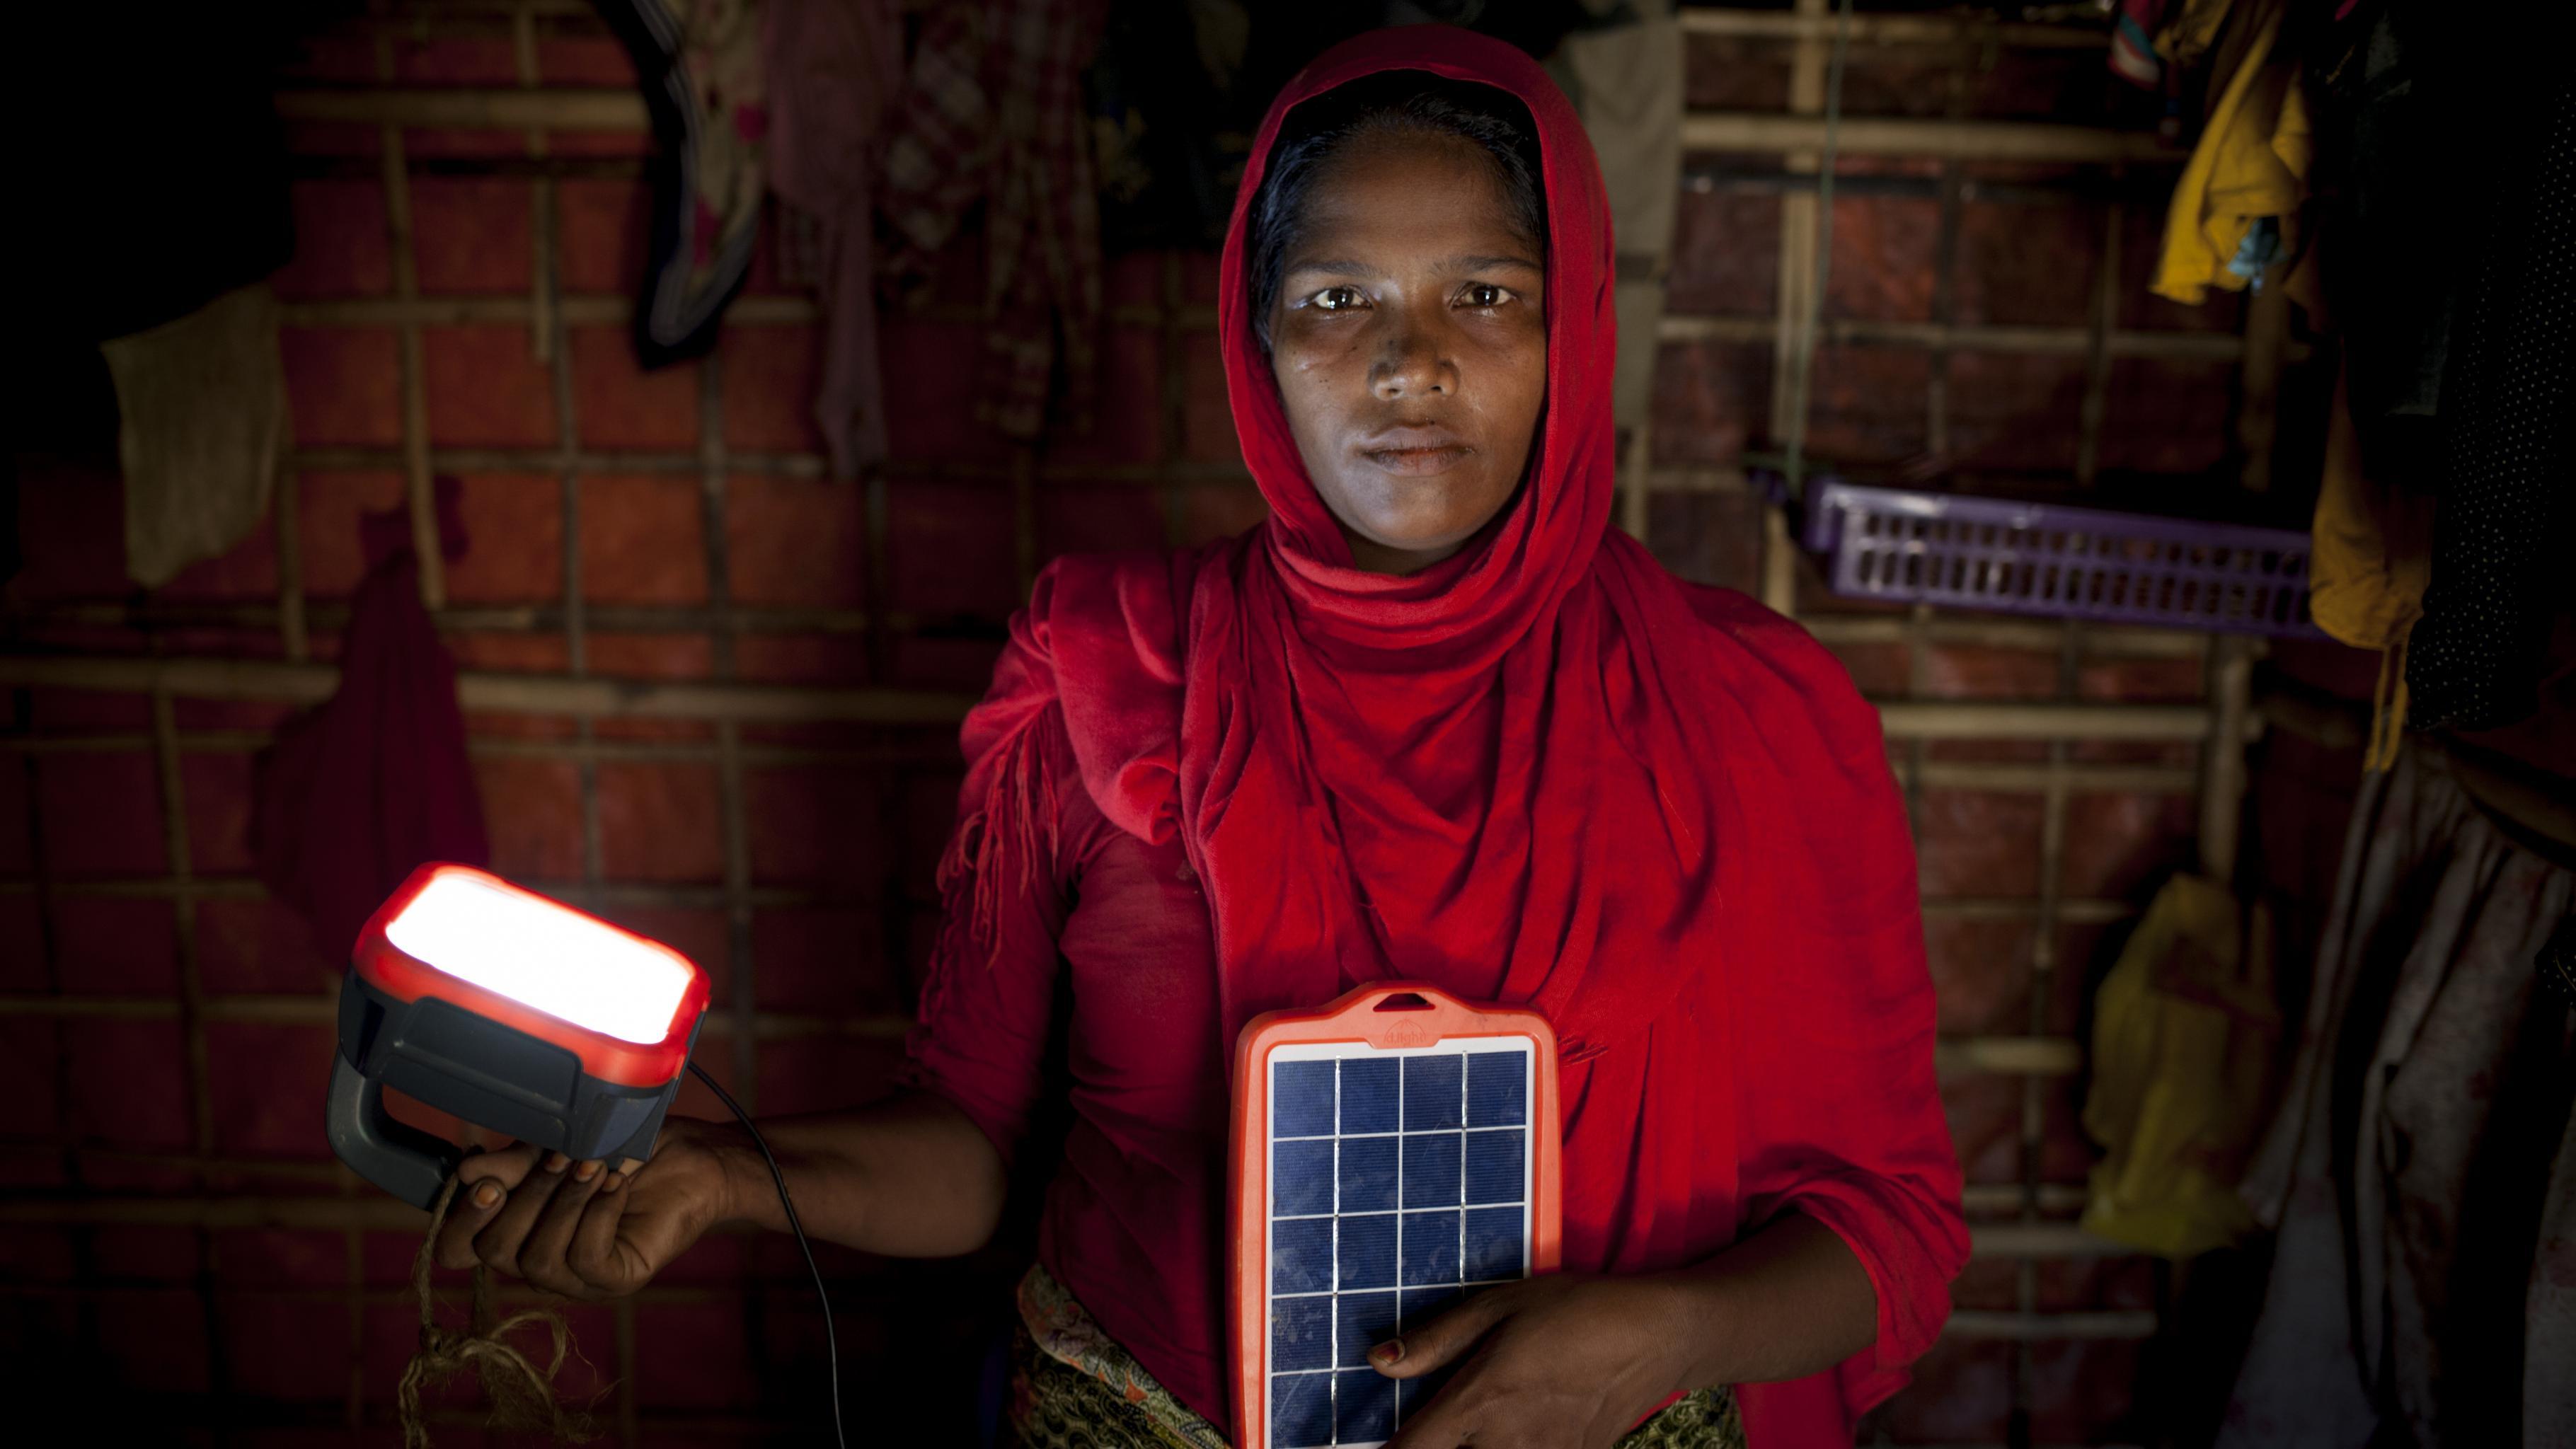 Rohingya-Geflüchtete mit Solarleuchte von Oxfam